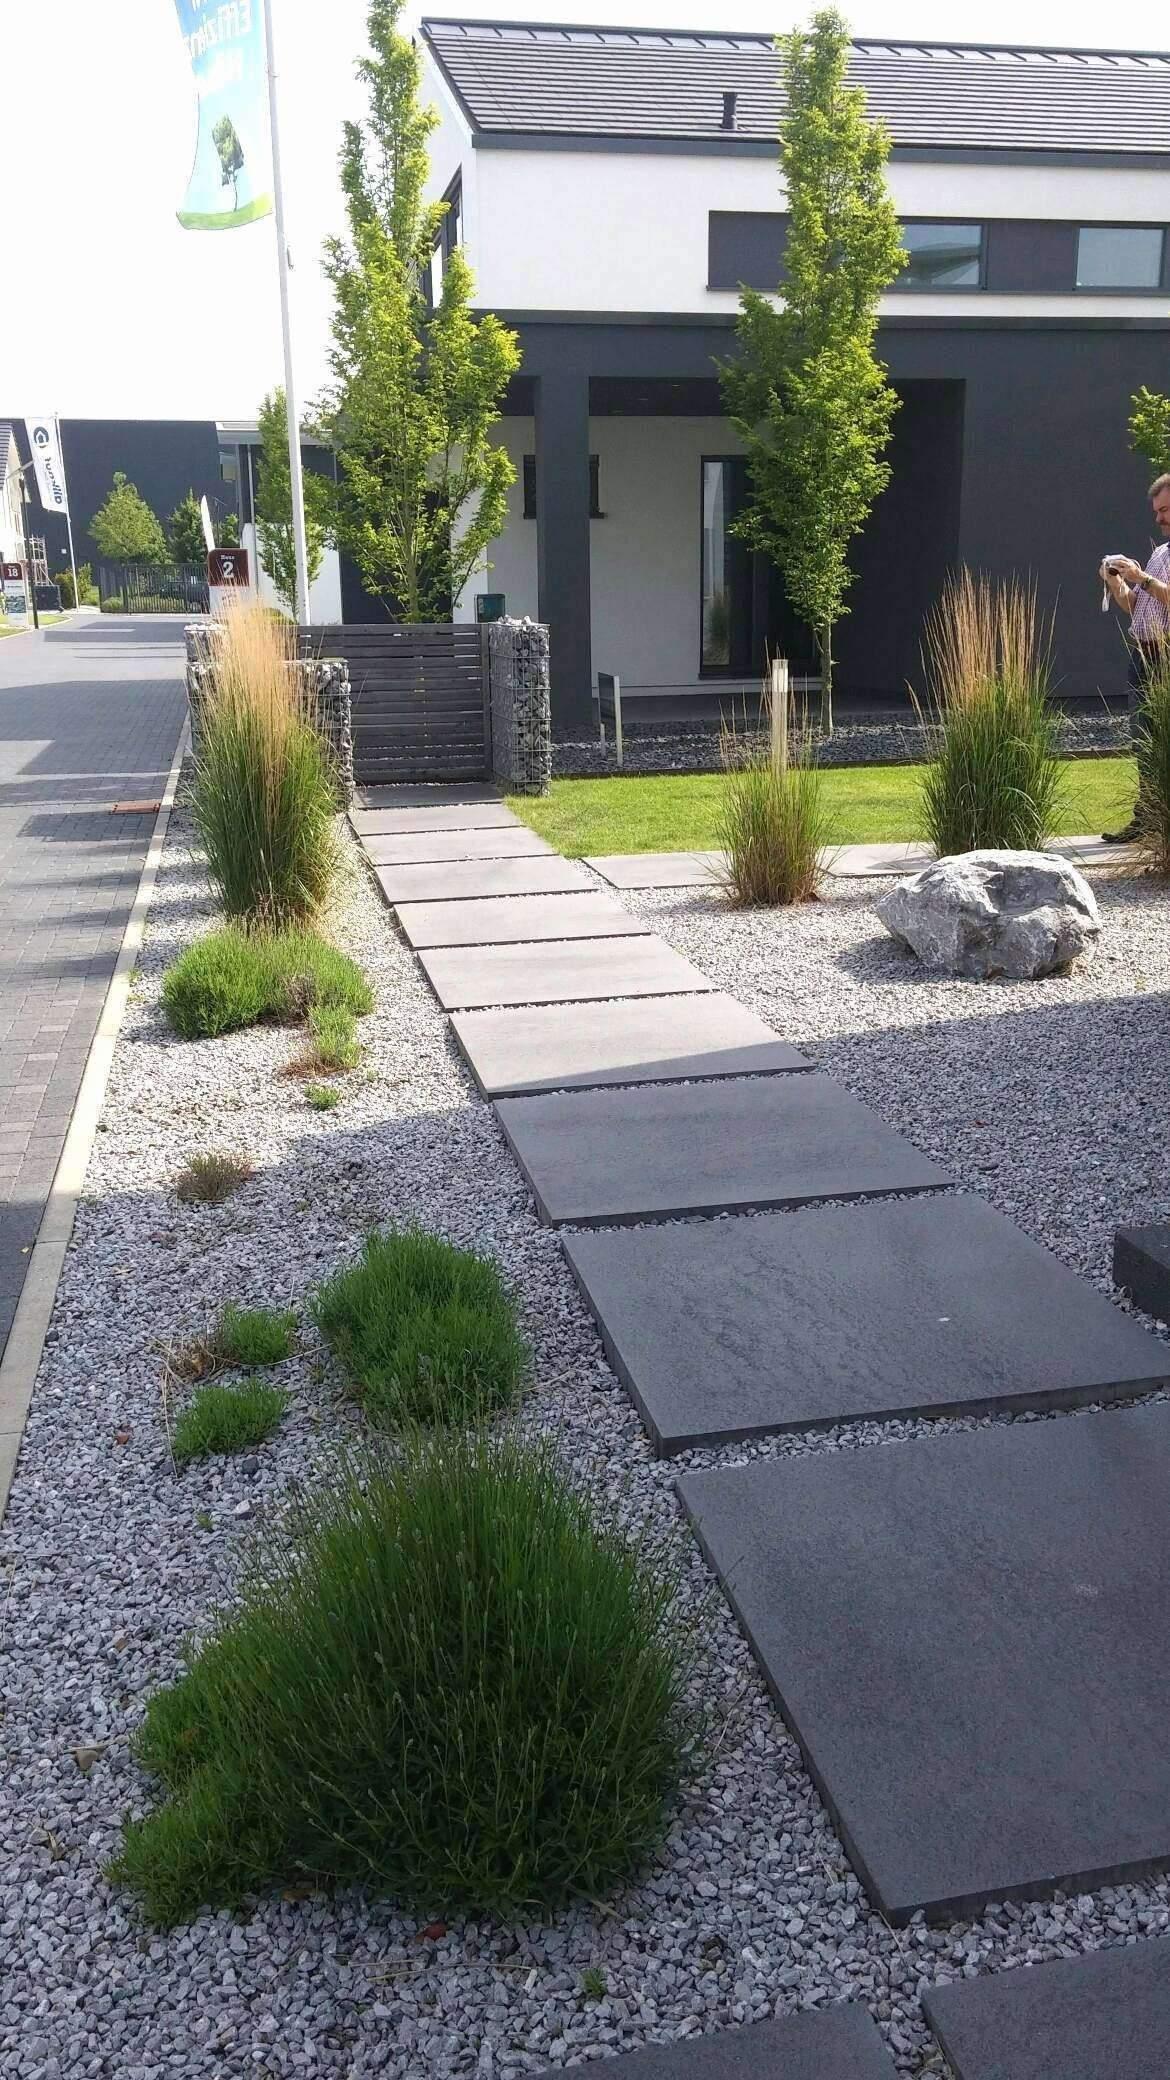 Garten Zeitschrift Schön 27 Neu Garten Gestalten Beispiele Inspirierend